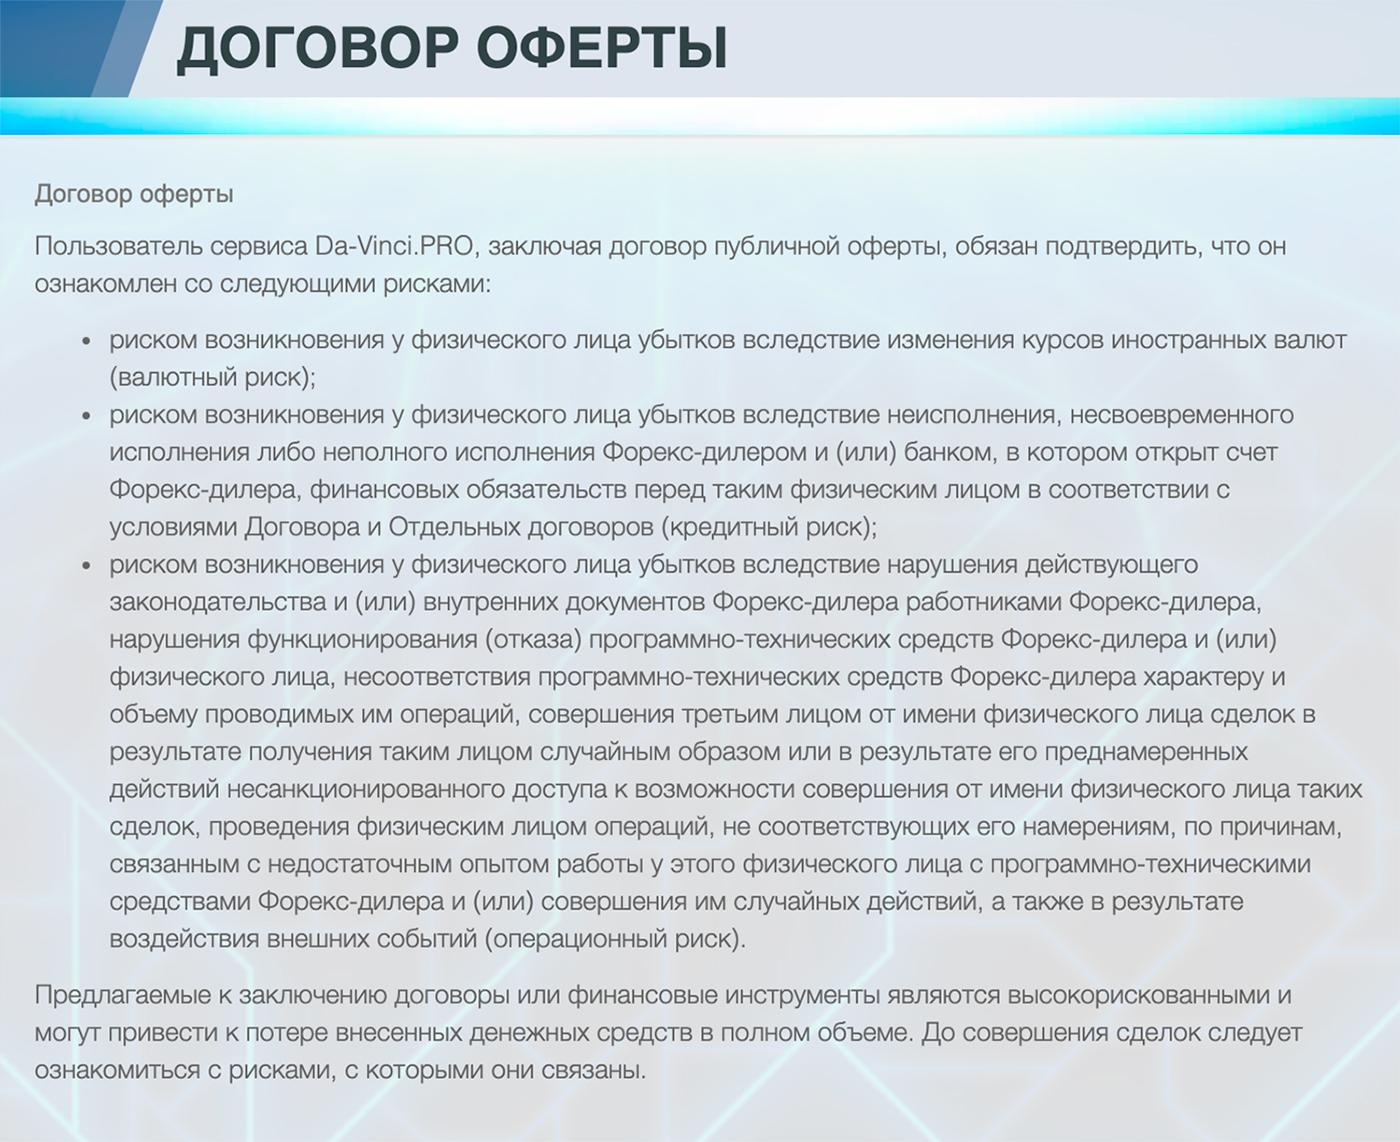 Договор оферты в форекс программы для форекс трейдера